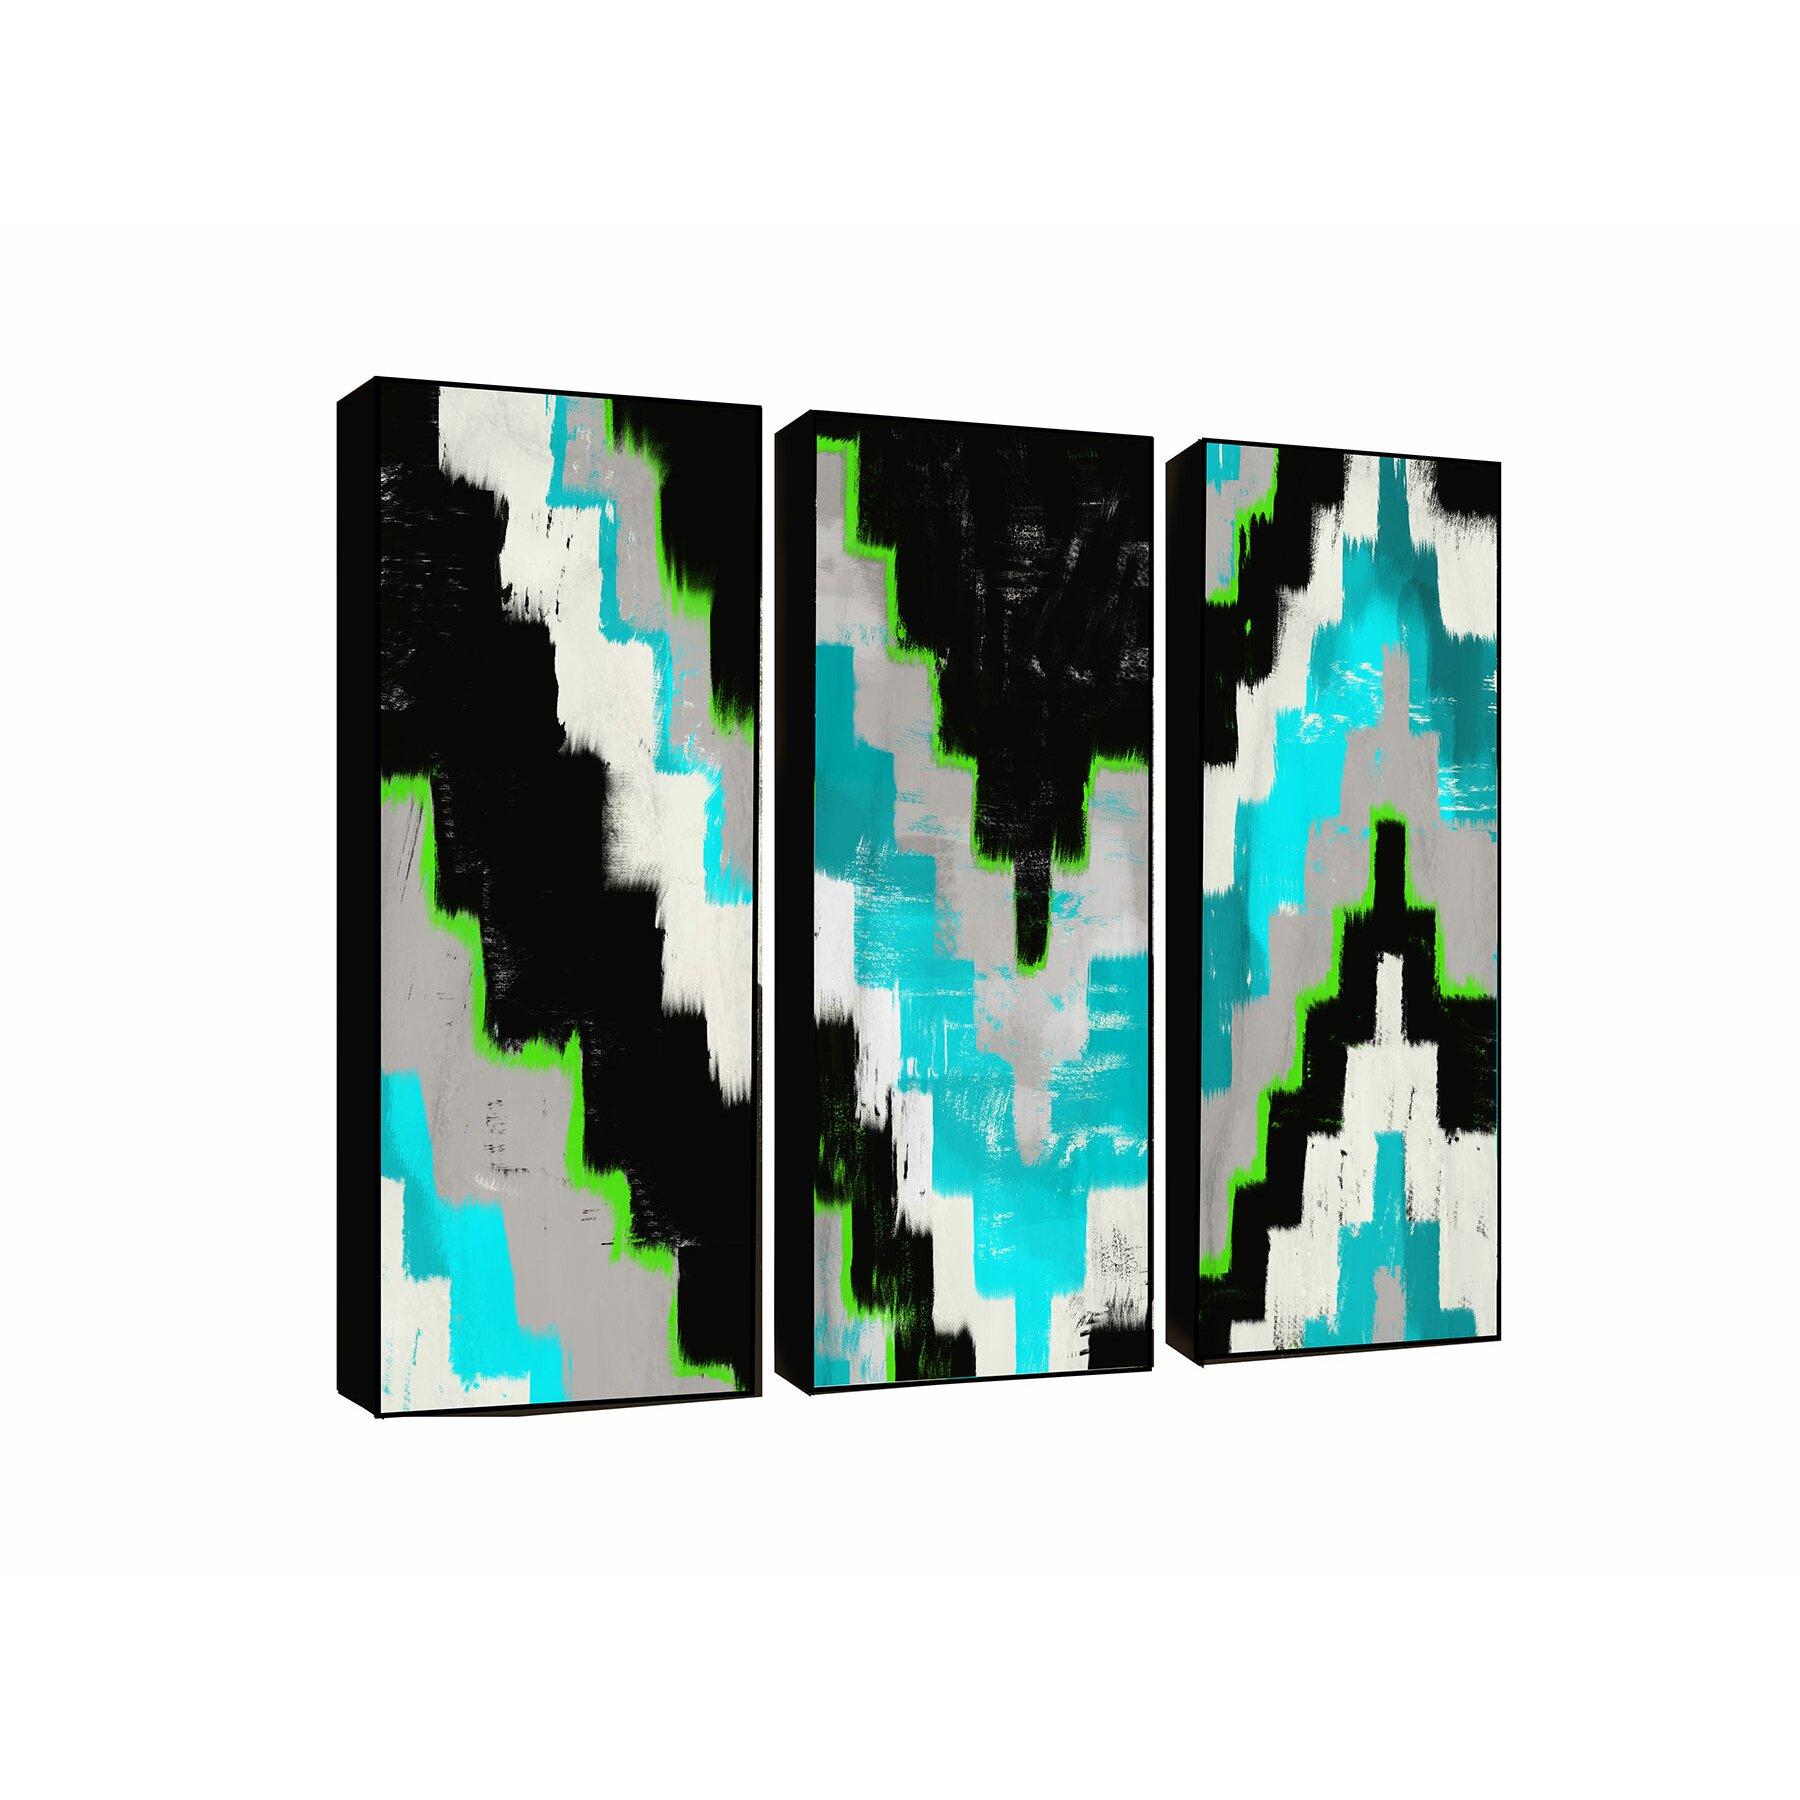 ptm images kilim 3 piece wall decor set wayfair